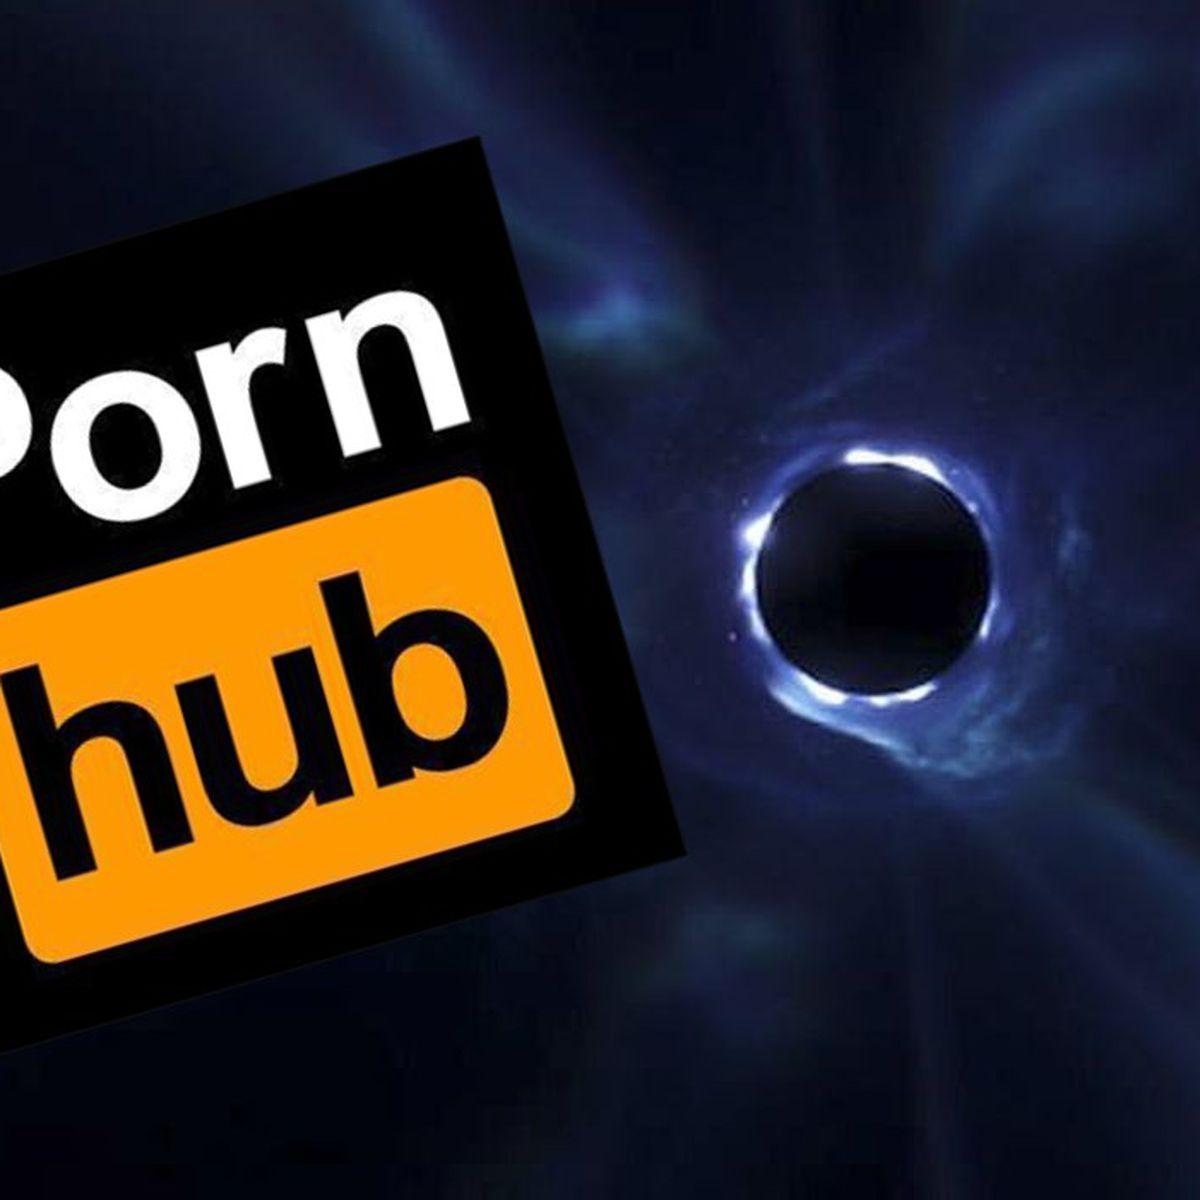 Agujeros Con Sorpresa Porno fortnite: pornhub tuiteó el chiste más cruel para los gamers